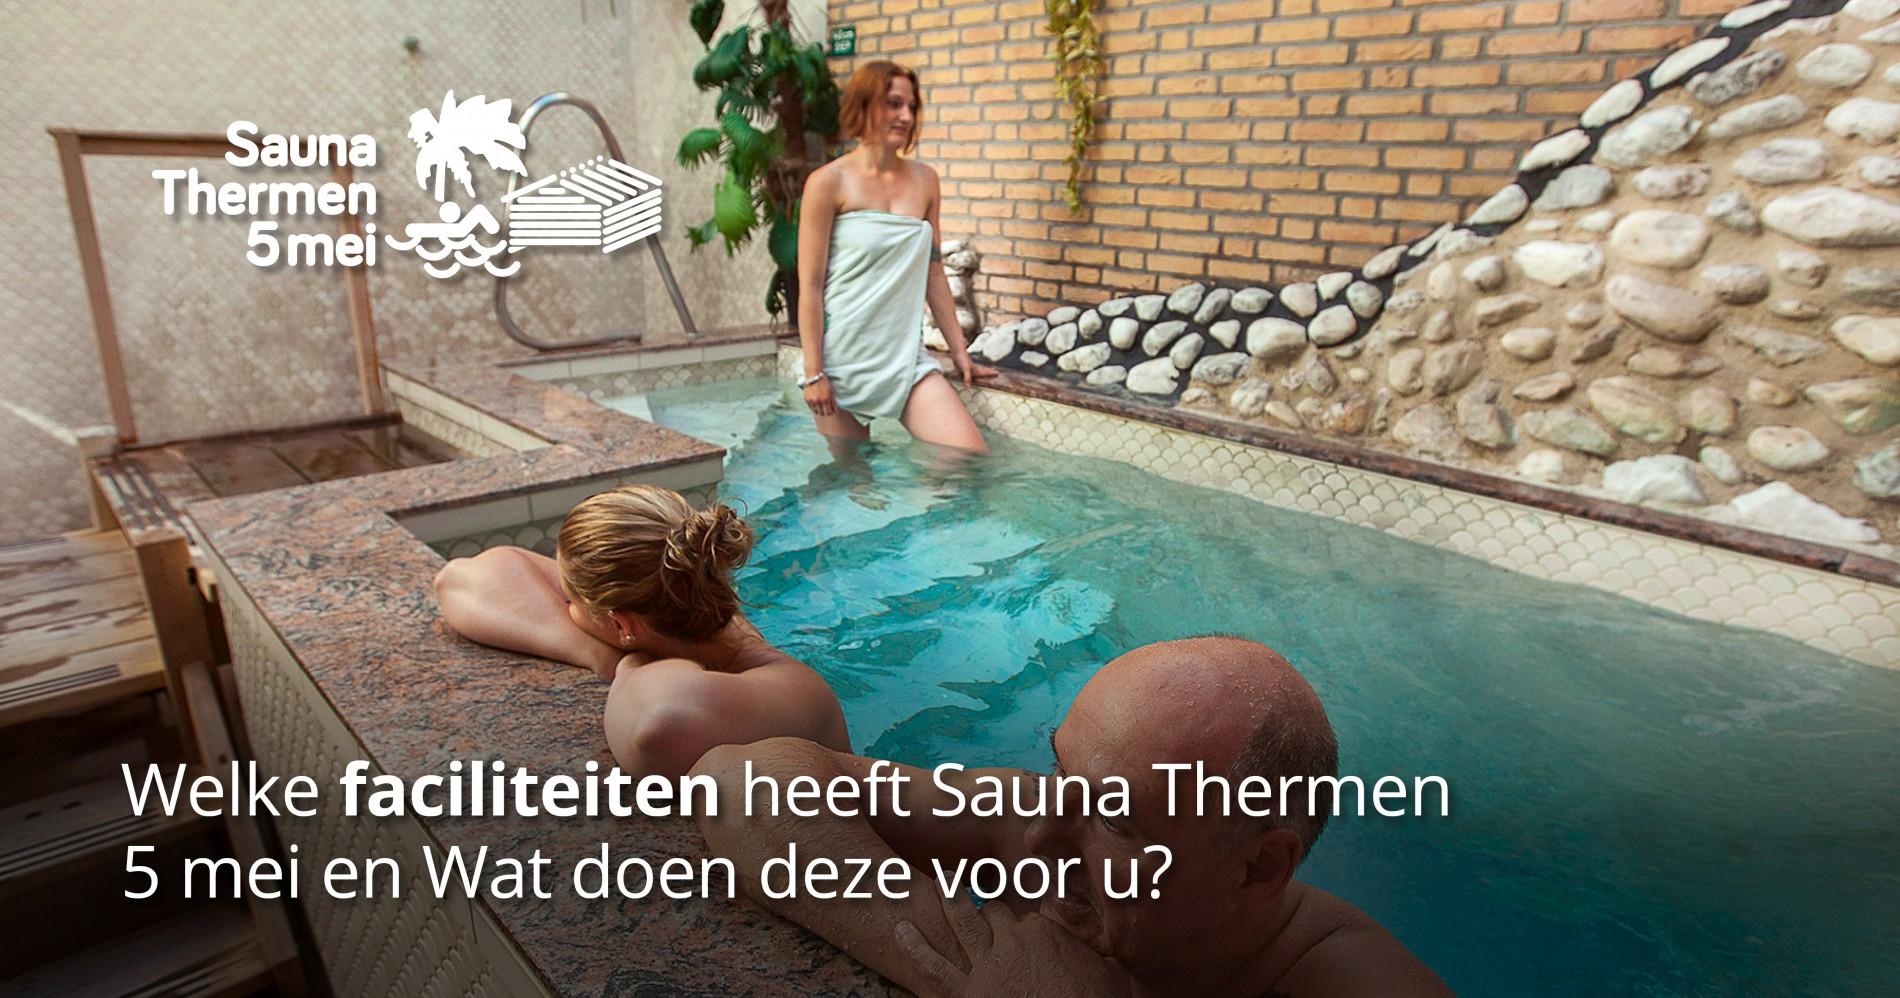 saunafaciliteiten